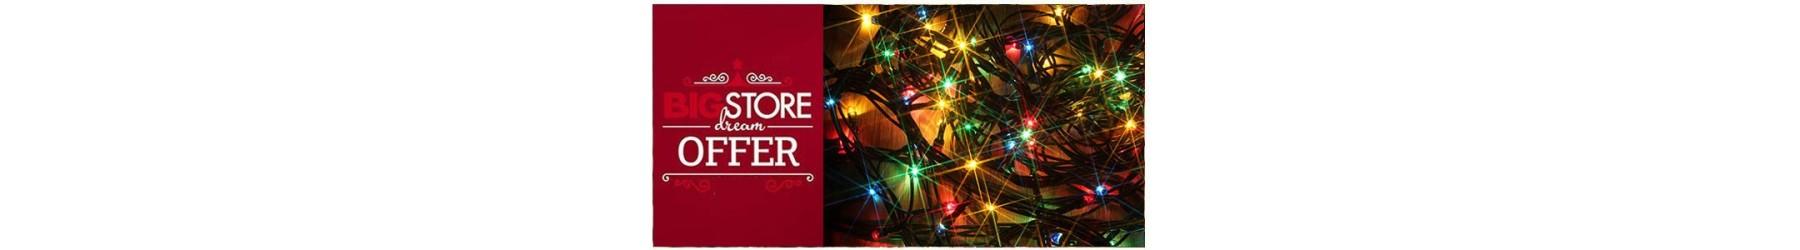 Χριστουγεννιάτικα λαμπάκια φωτάκια led Προσφορές